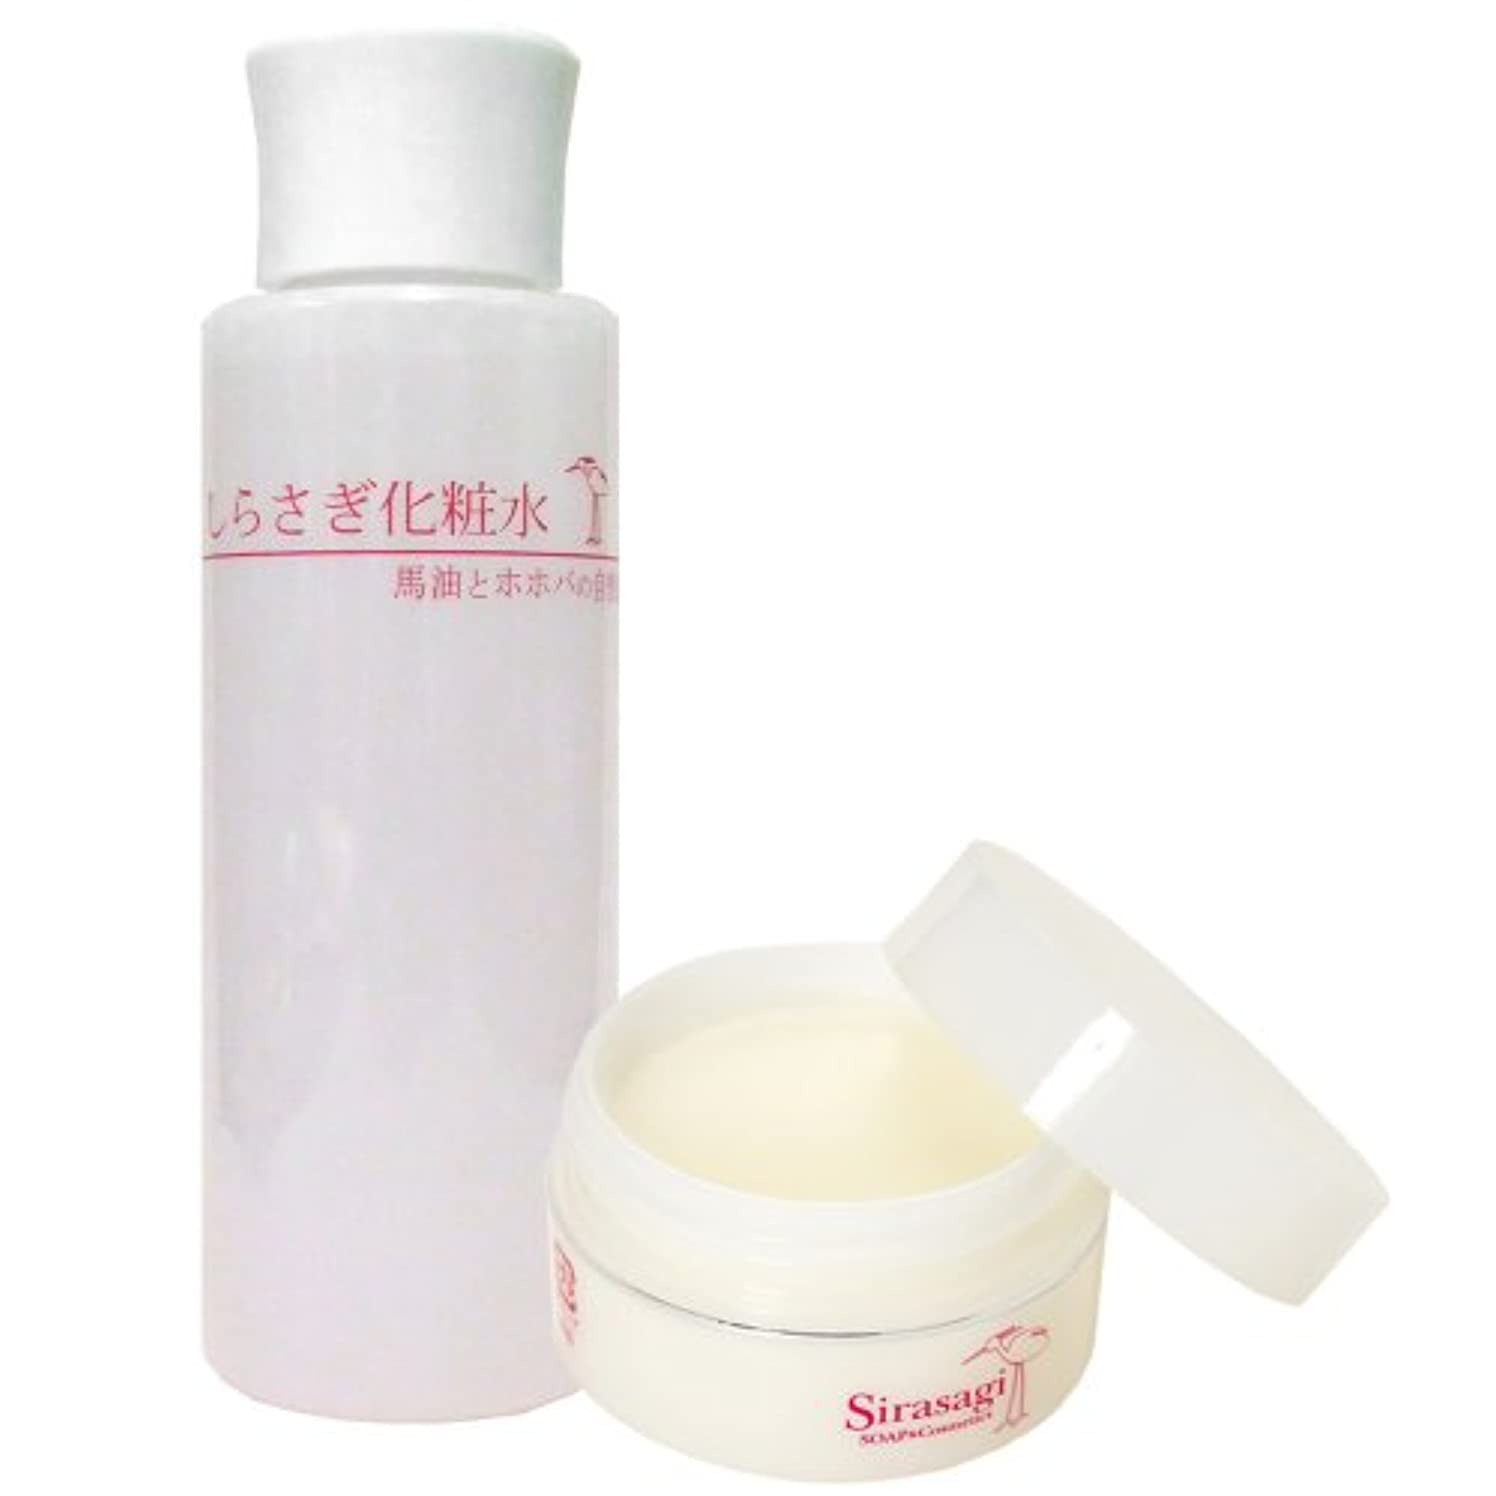 プレフィックス高原いいねしらさぎクリーム(ラベンダーとローズウッドの香り)としらさぎ化粧水のセット